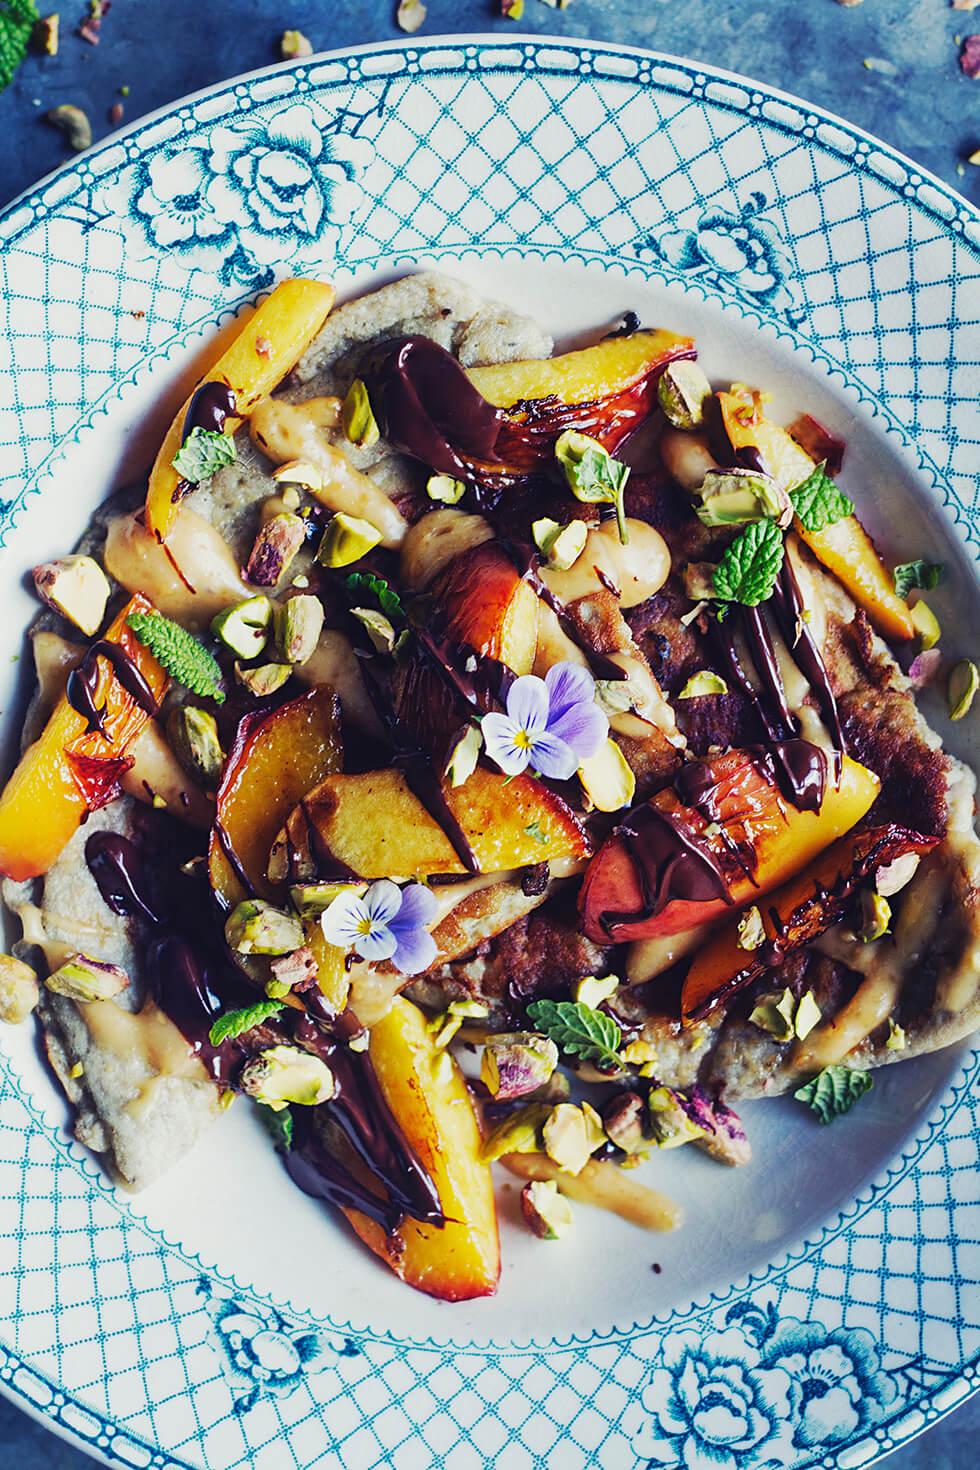 Banapannkaka med stekt nektarin, jordnötssås, chokladsås och pistagenötter